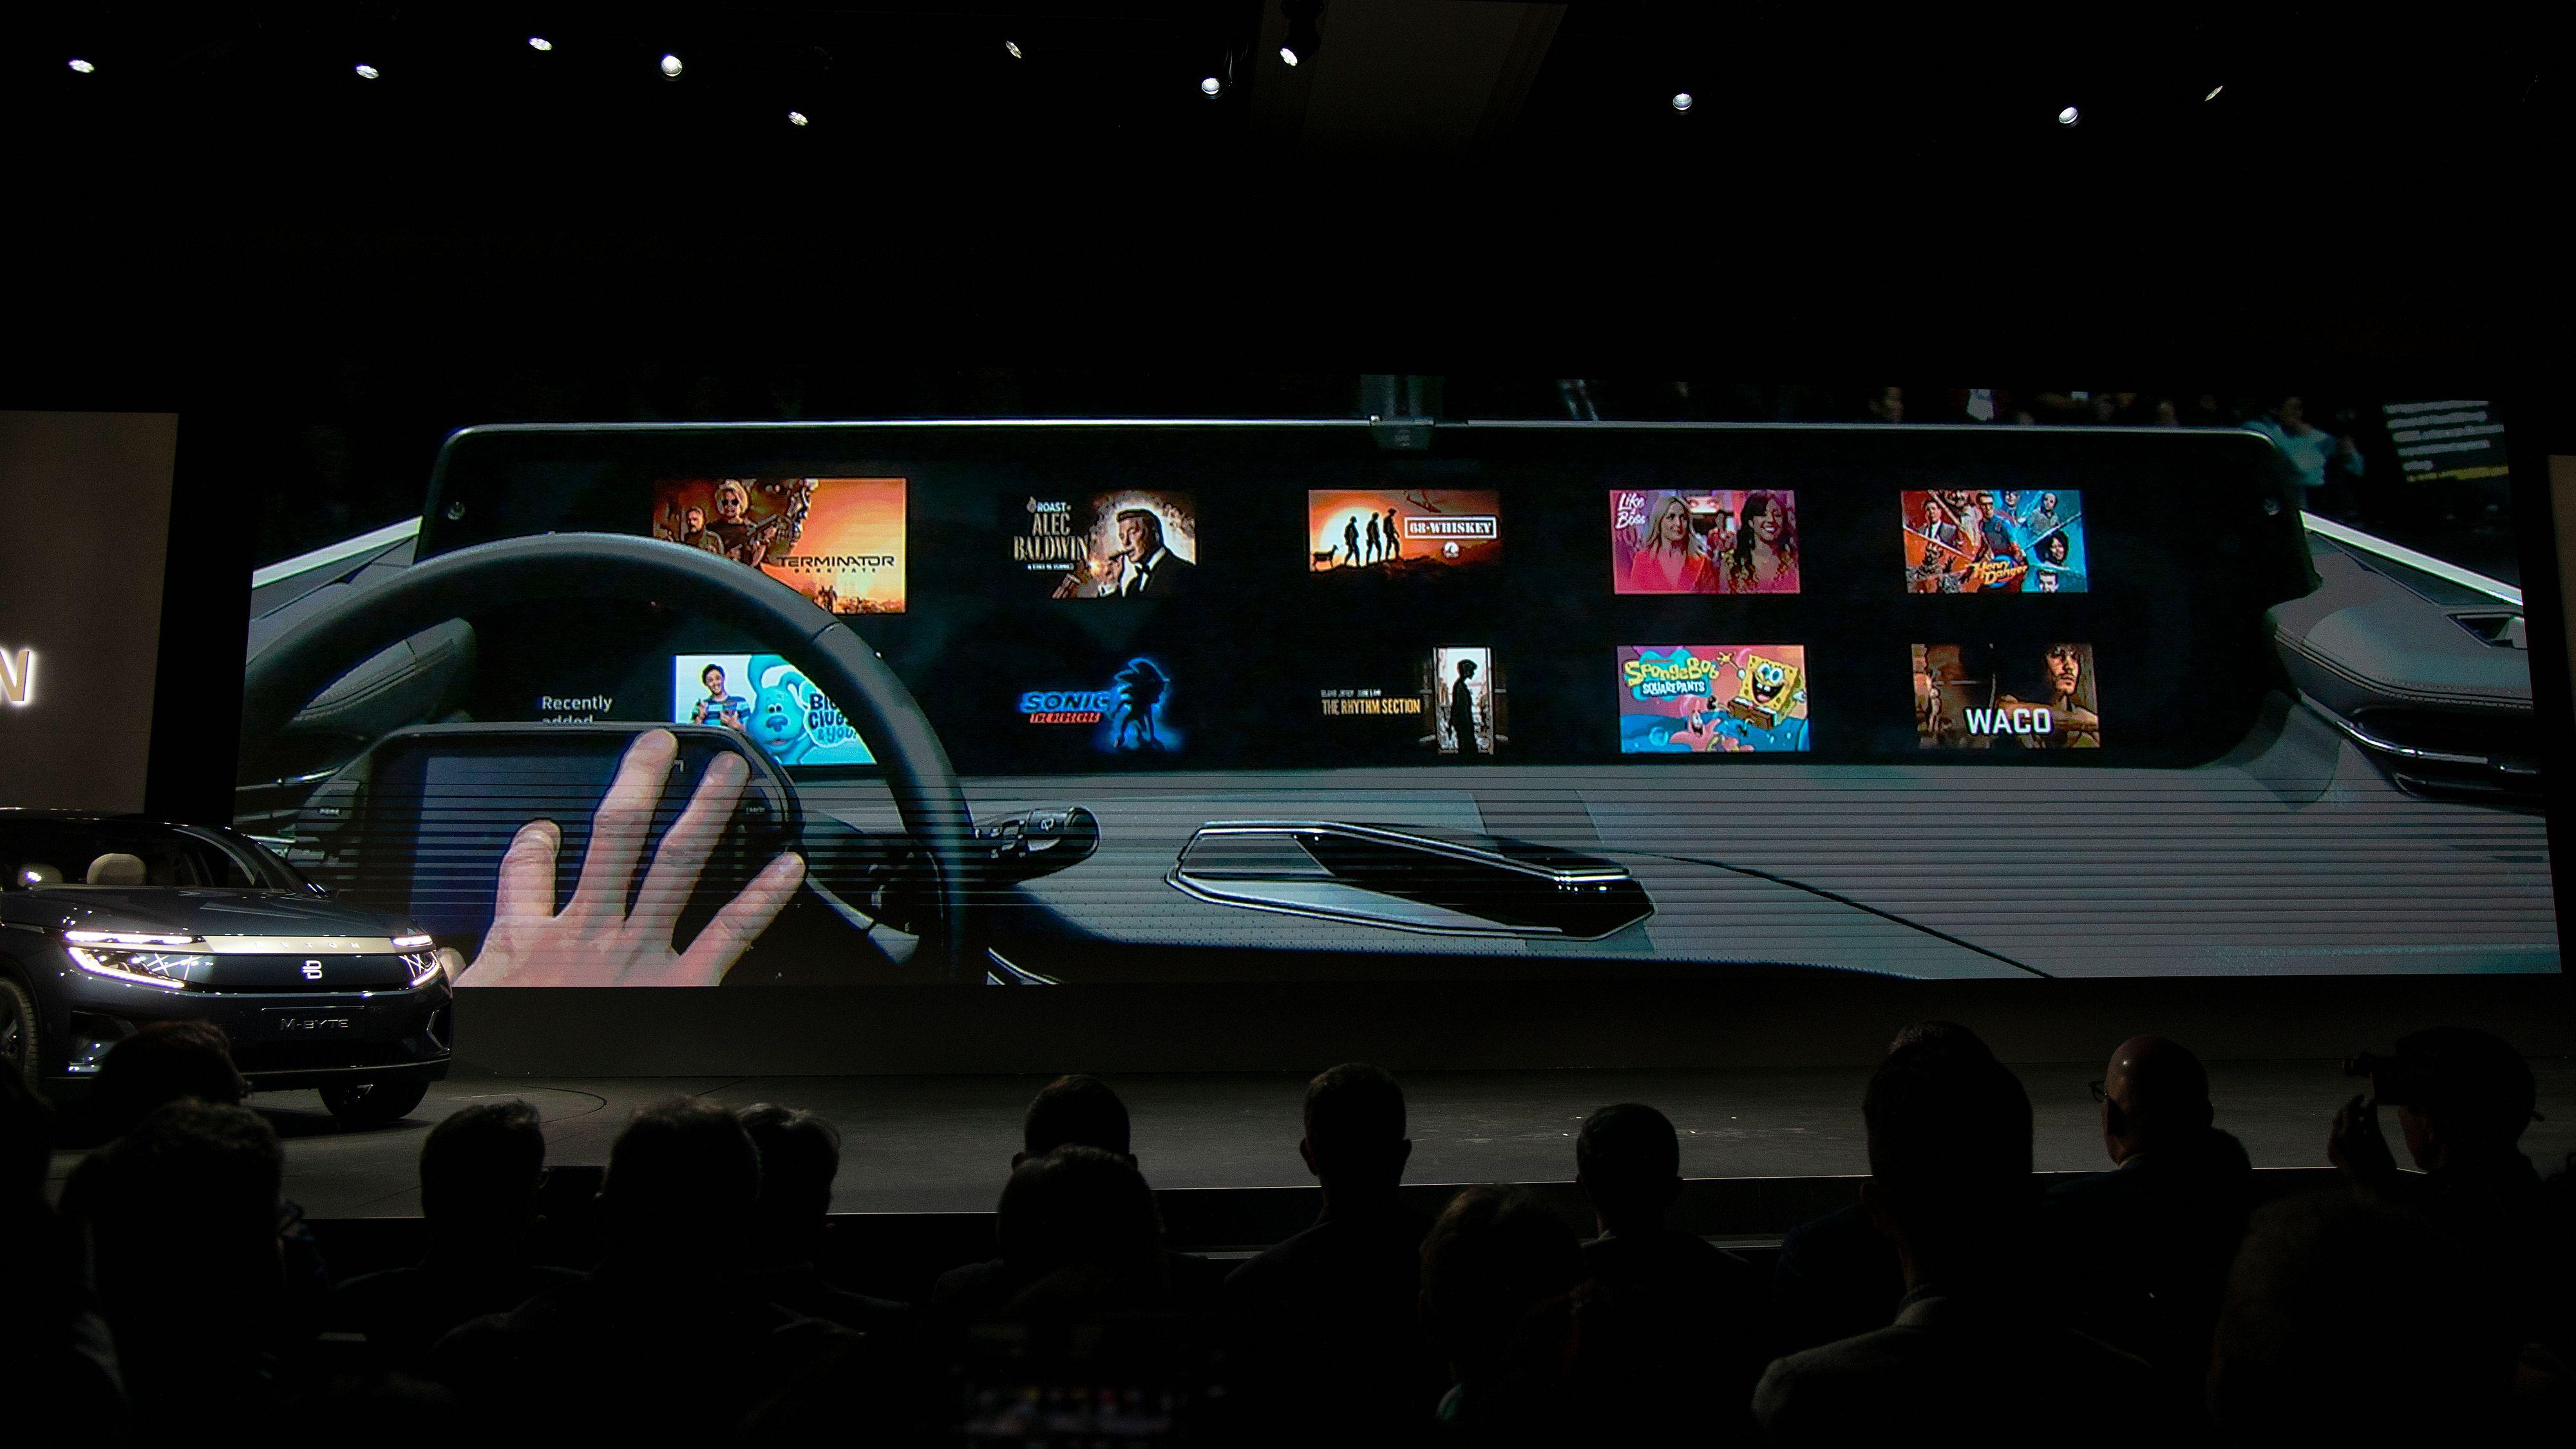 Nå forteller Byton mer om hva vi skal bruke den enorme skjermen deres til